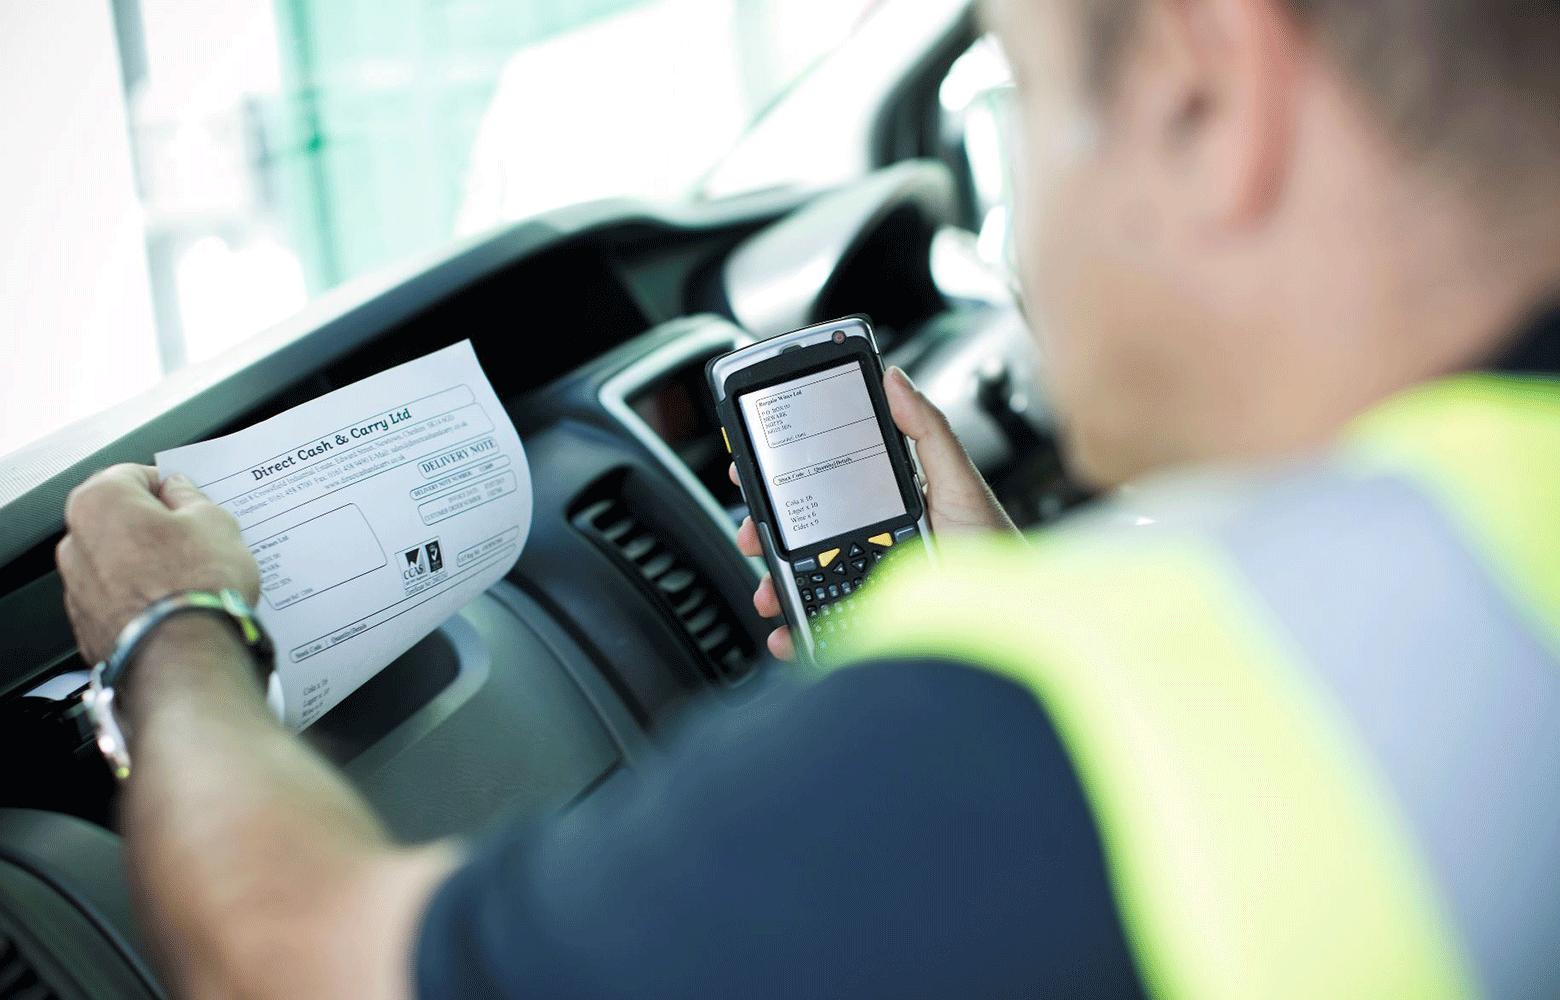 Mand i bil, der anvender en mobil printer